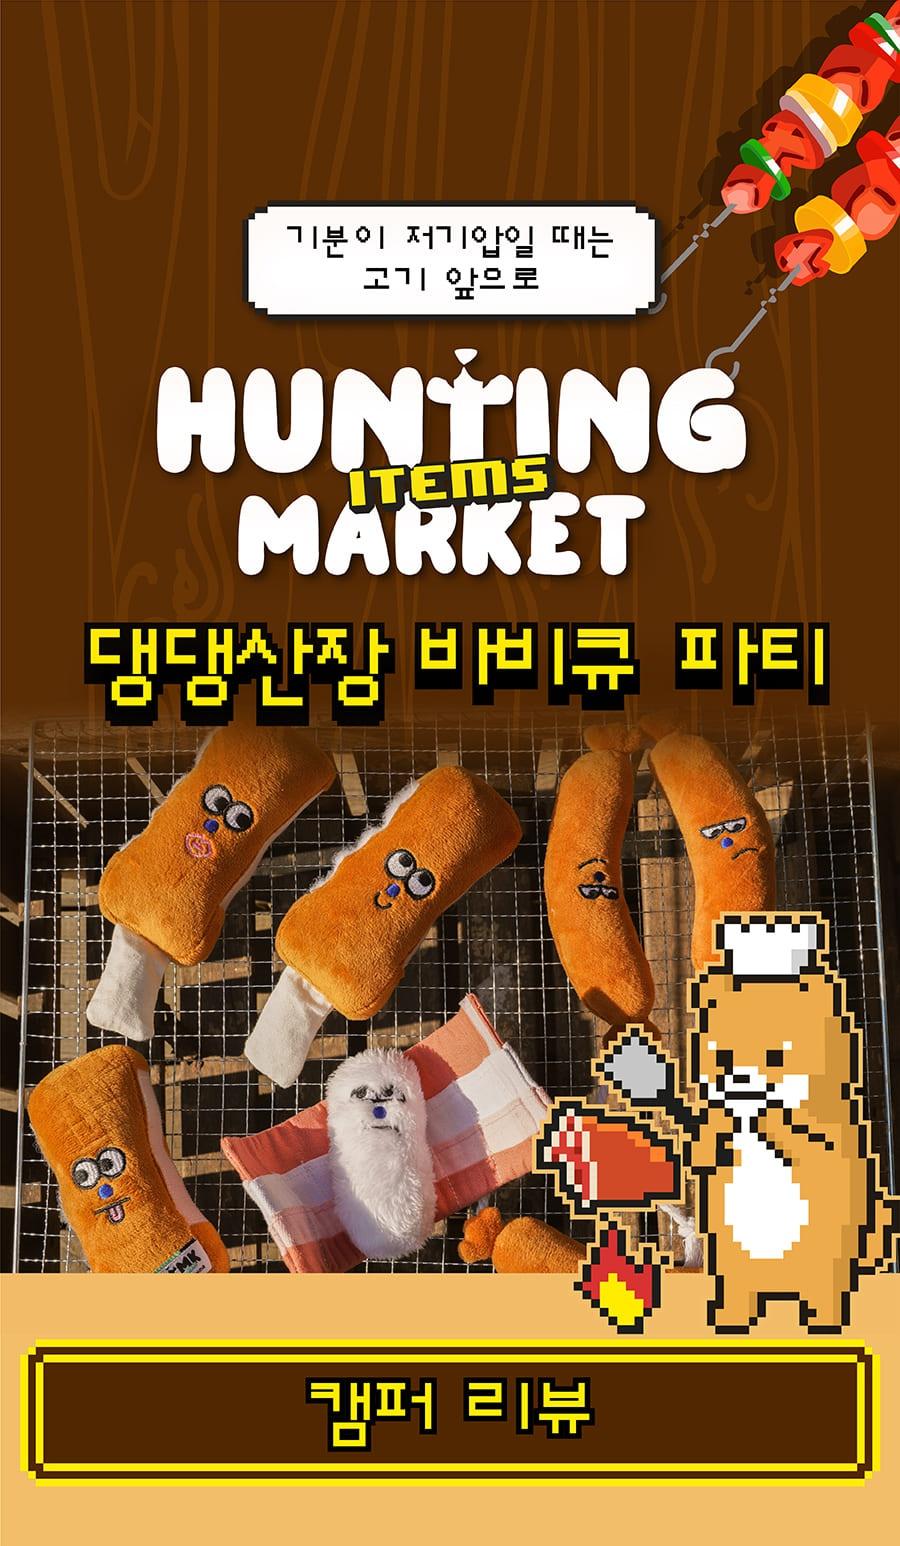 헌팅마켓 파워업 고기 3종-상품이미지-0